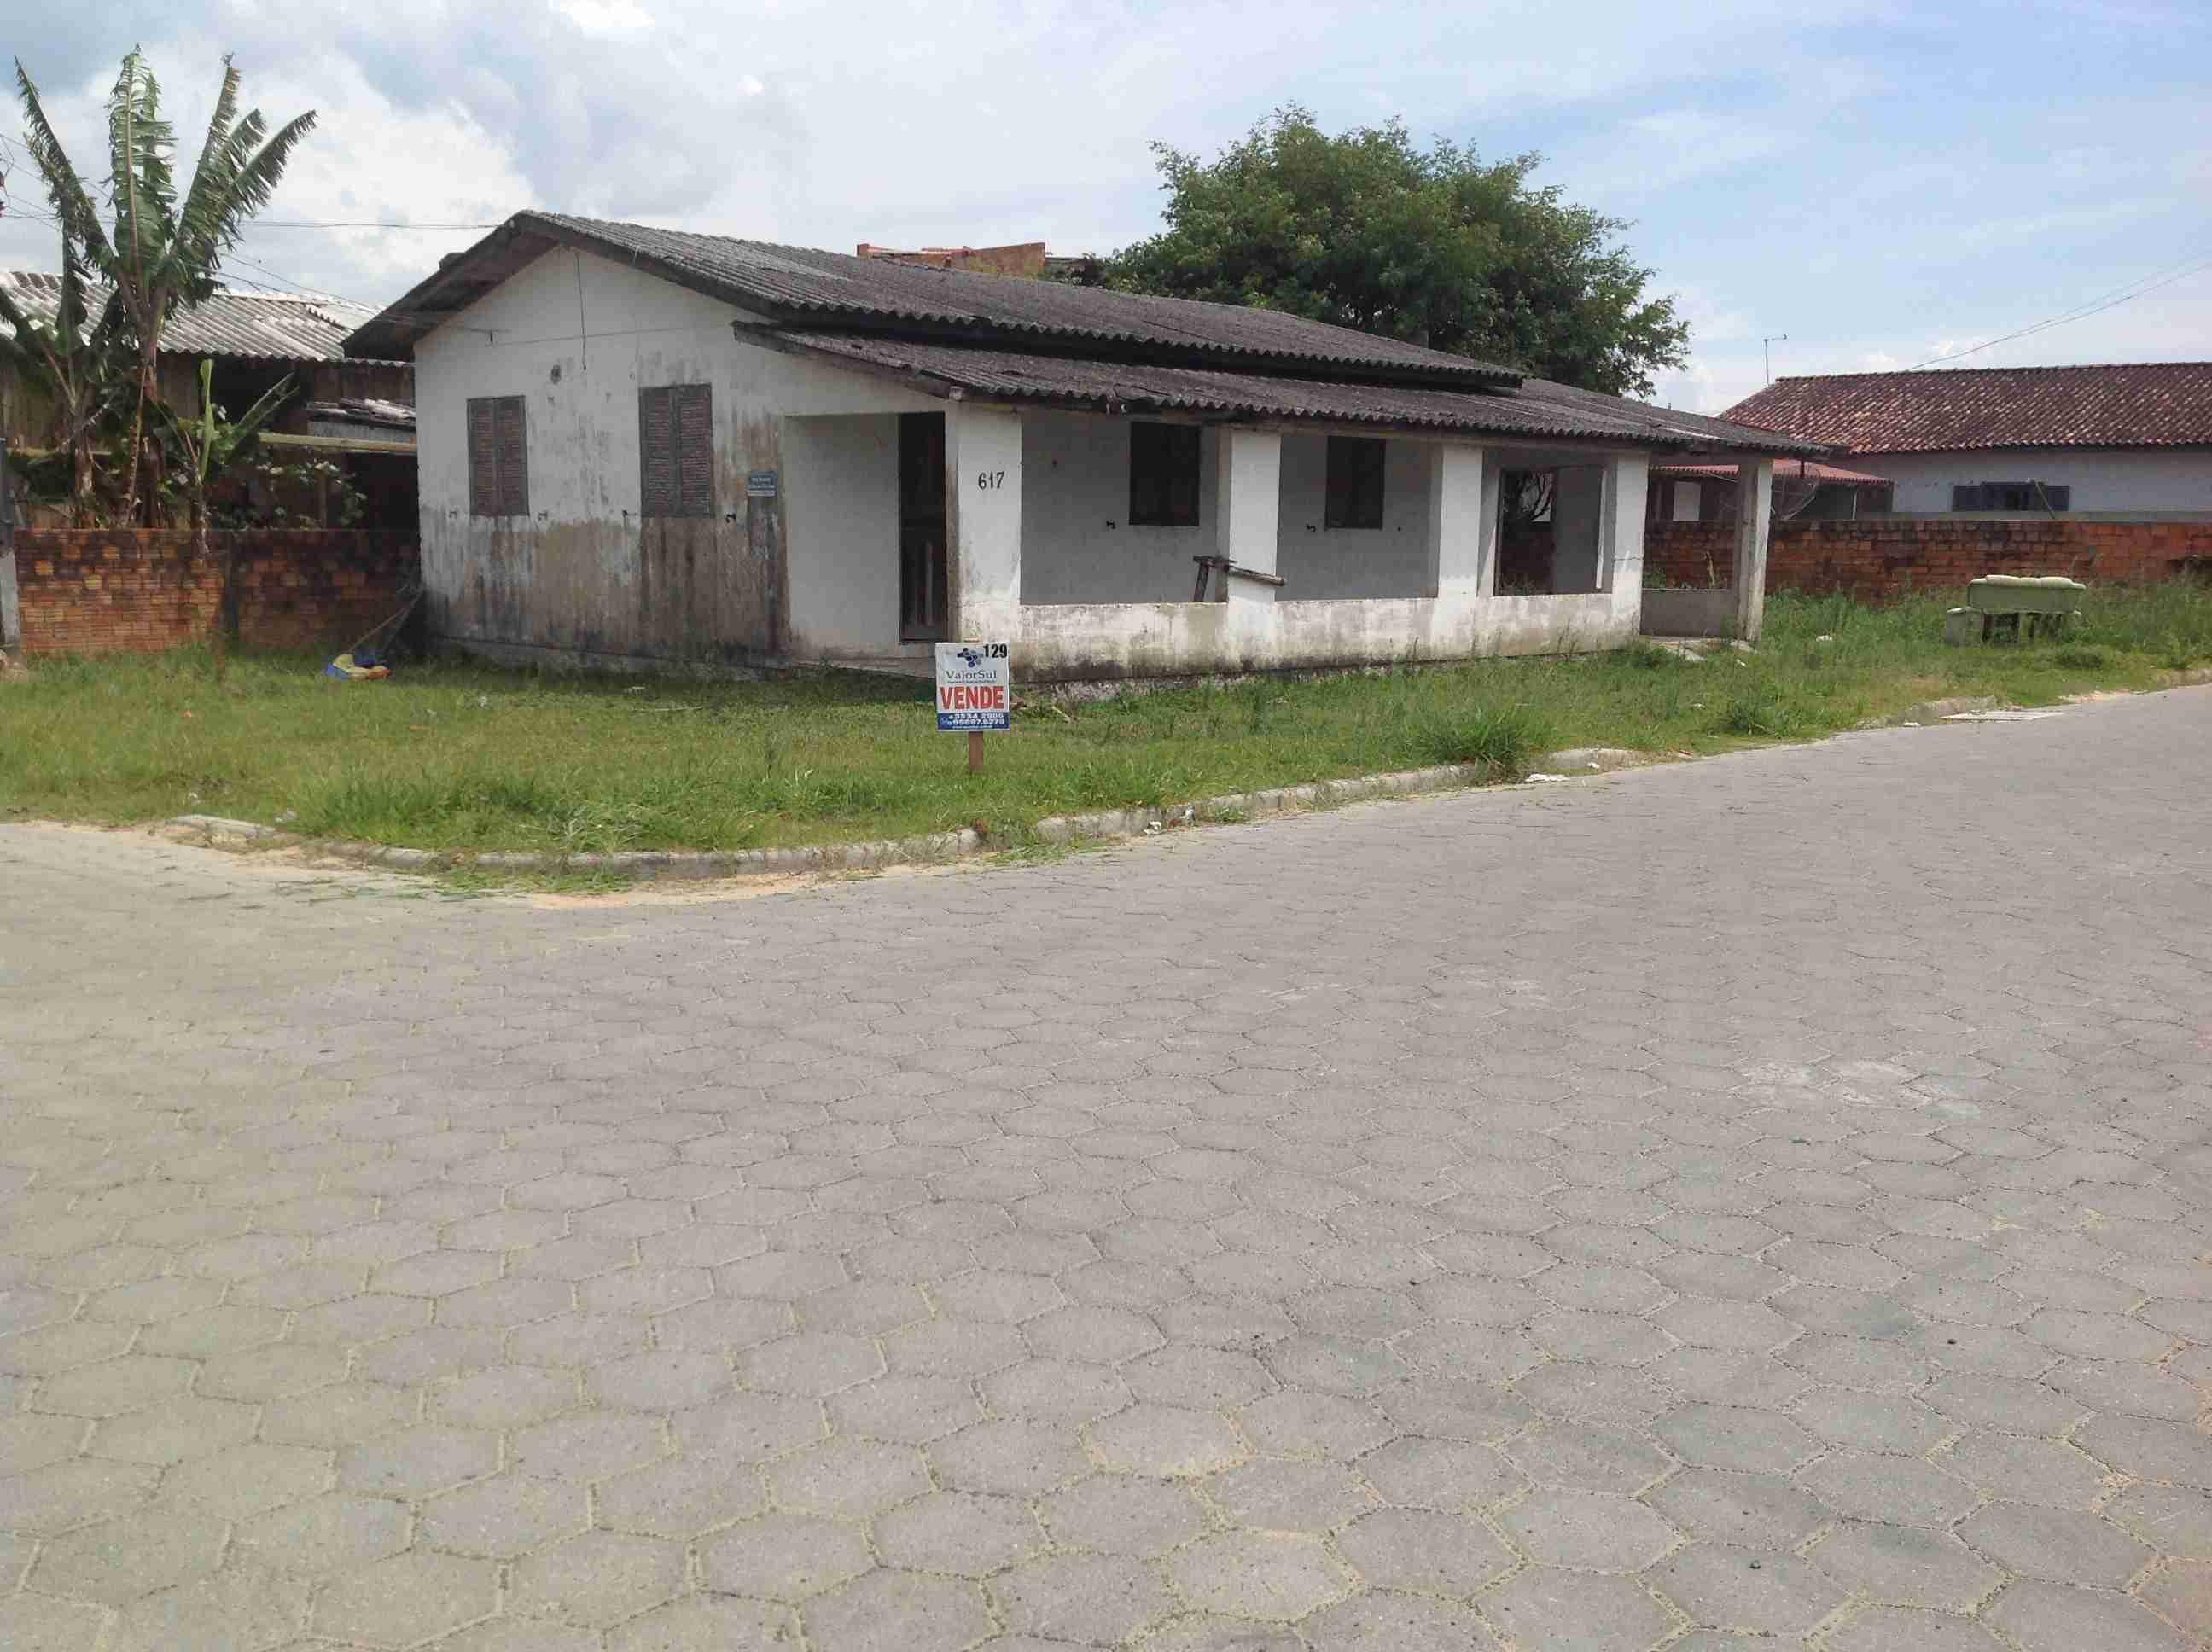 Imóvel (129)Casa 8×12,3 dormitórios,sala,cozinha,banheiro,área de serviço,garagem,lote 12×25